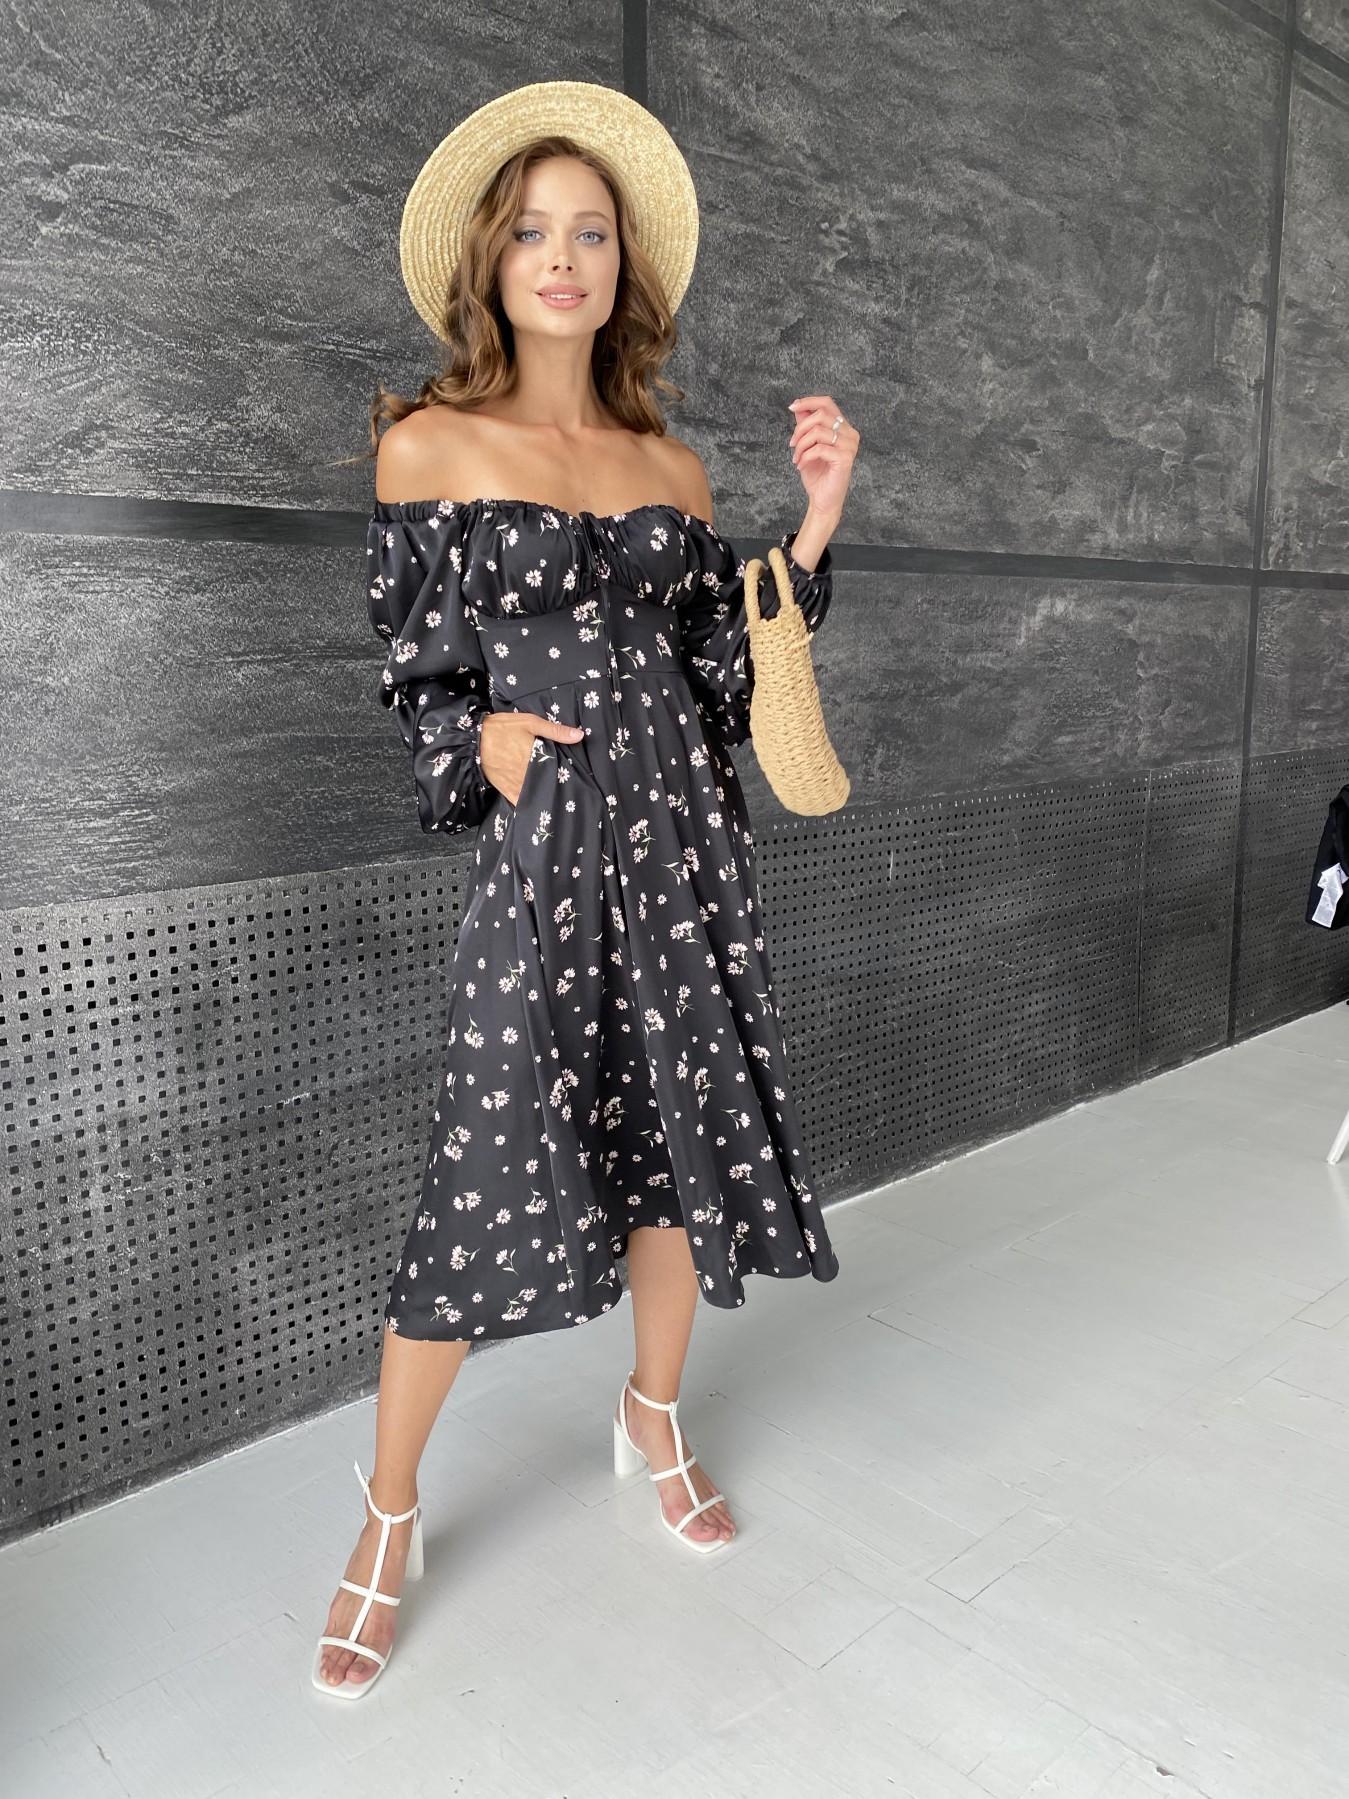 Кисес платье миди д/р шелк принт 11722 АРТ. 48418 Цвет: Черный/пудра/хризантема - фото 3, интернет магазин tm-modus.ru